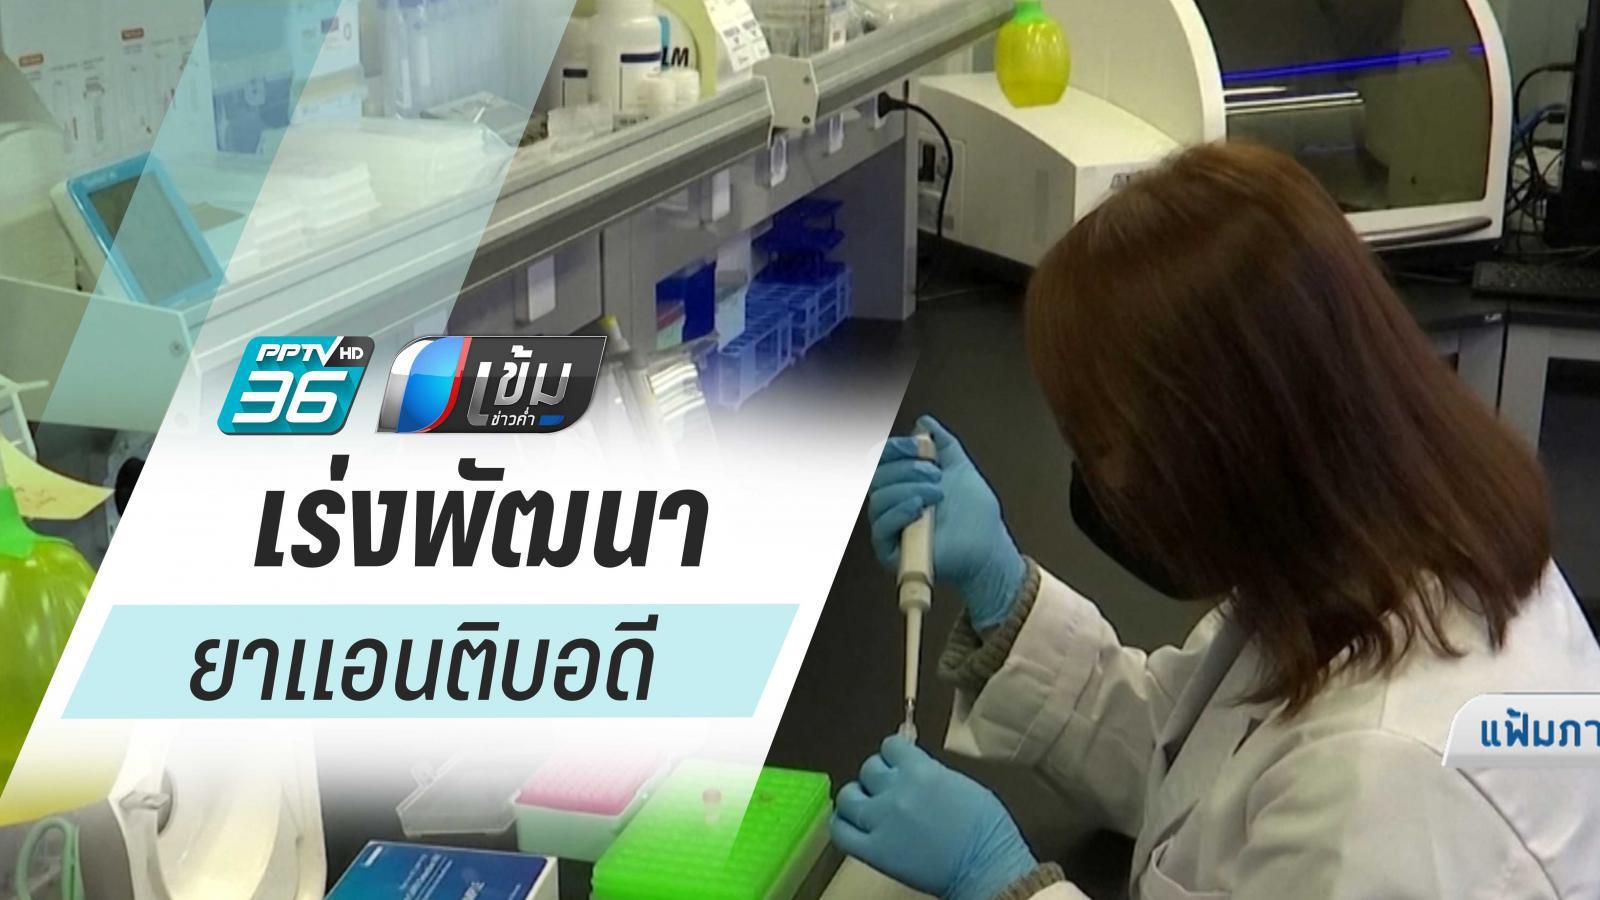 เกาหลีใต้ เร่งพัฒนา ยาแอนติบอดีต้านโควิด-19